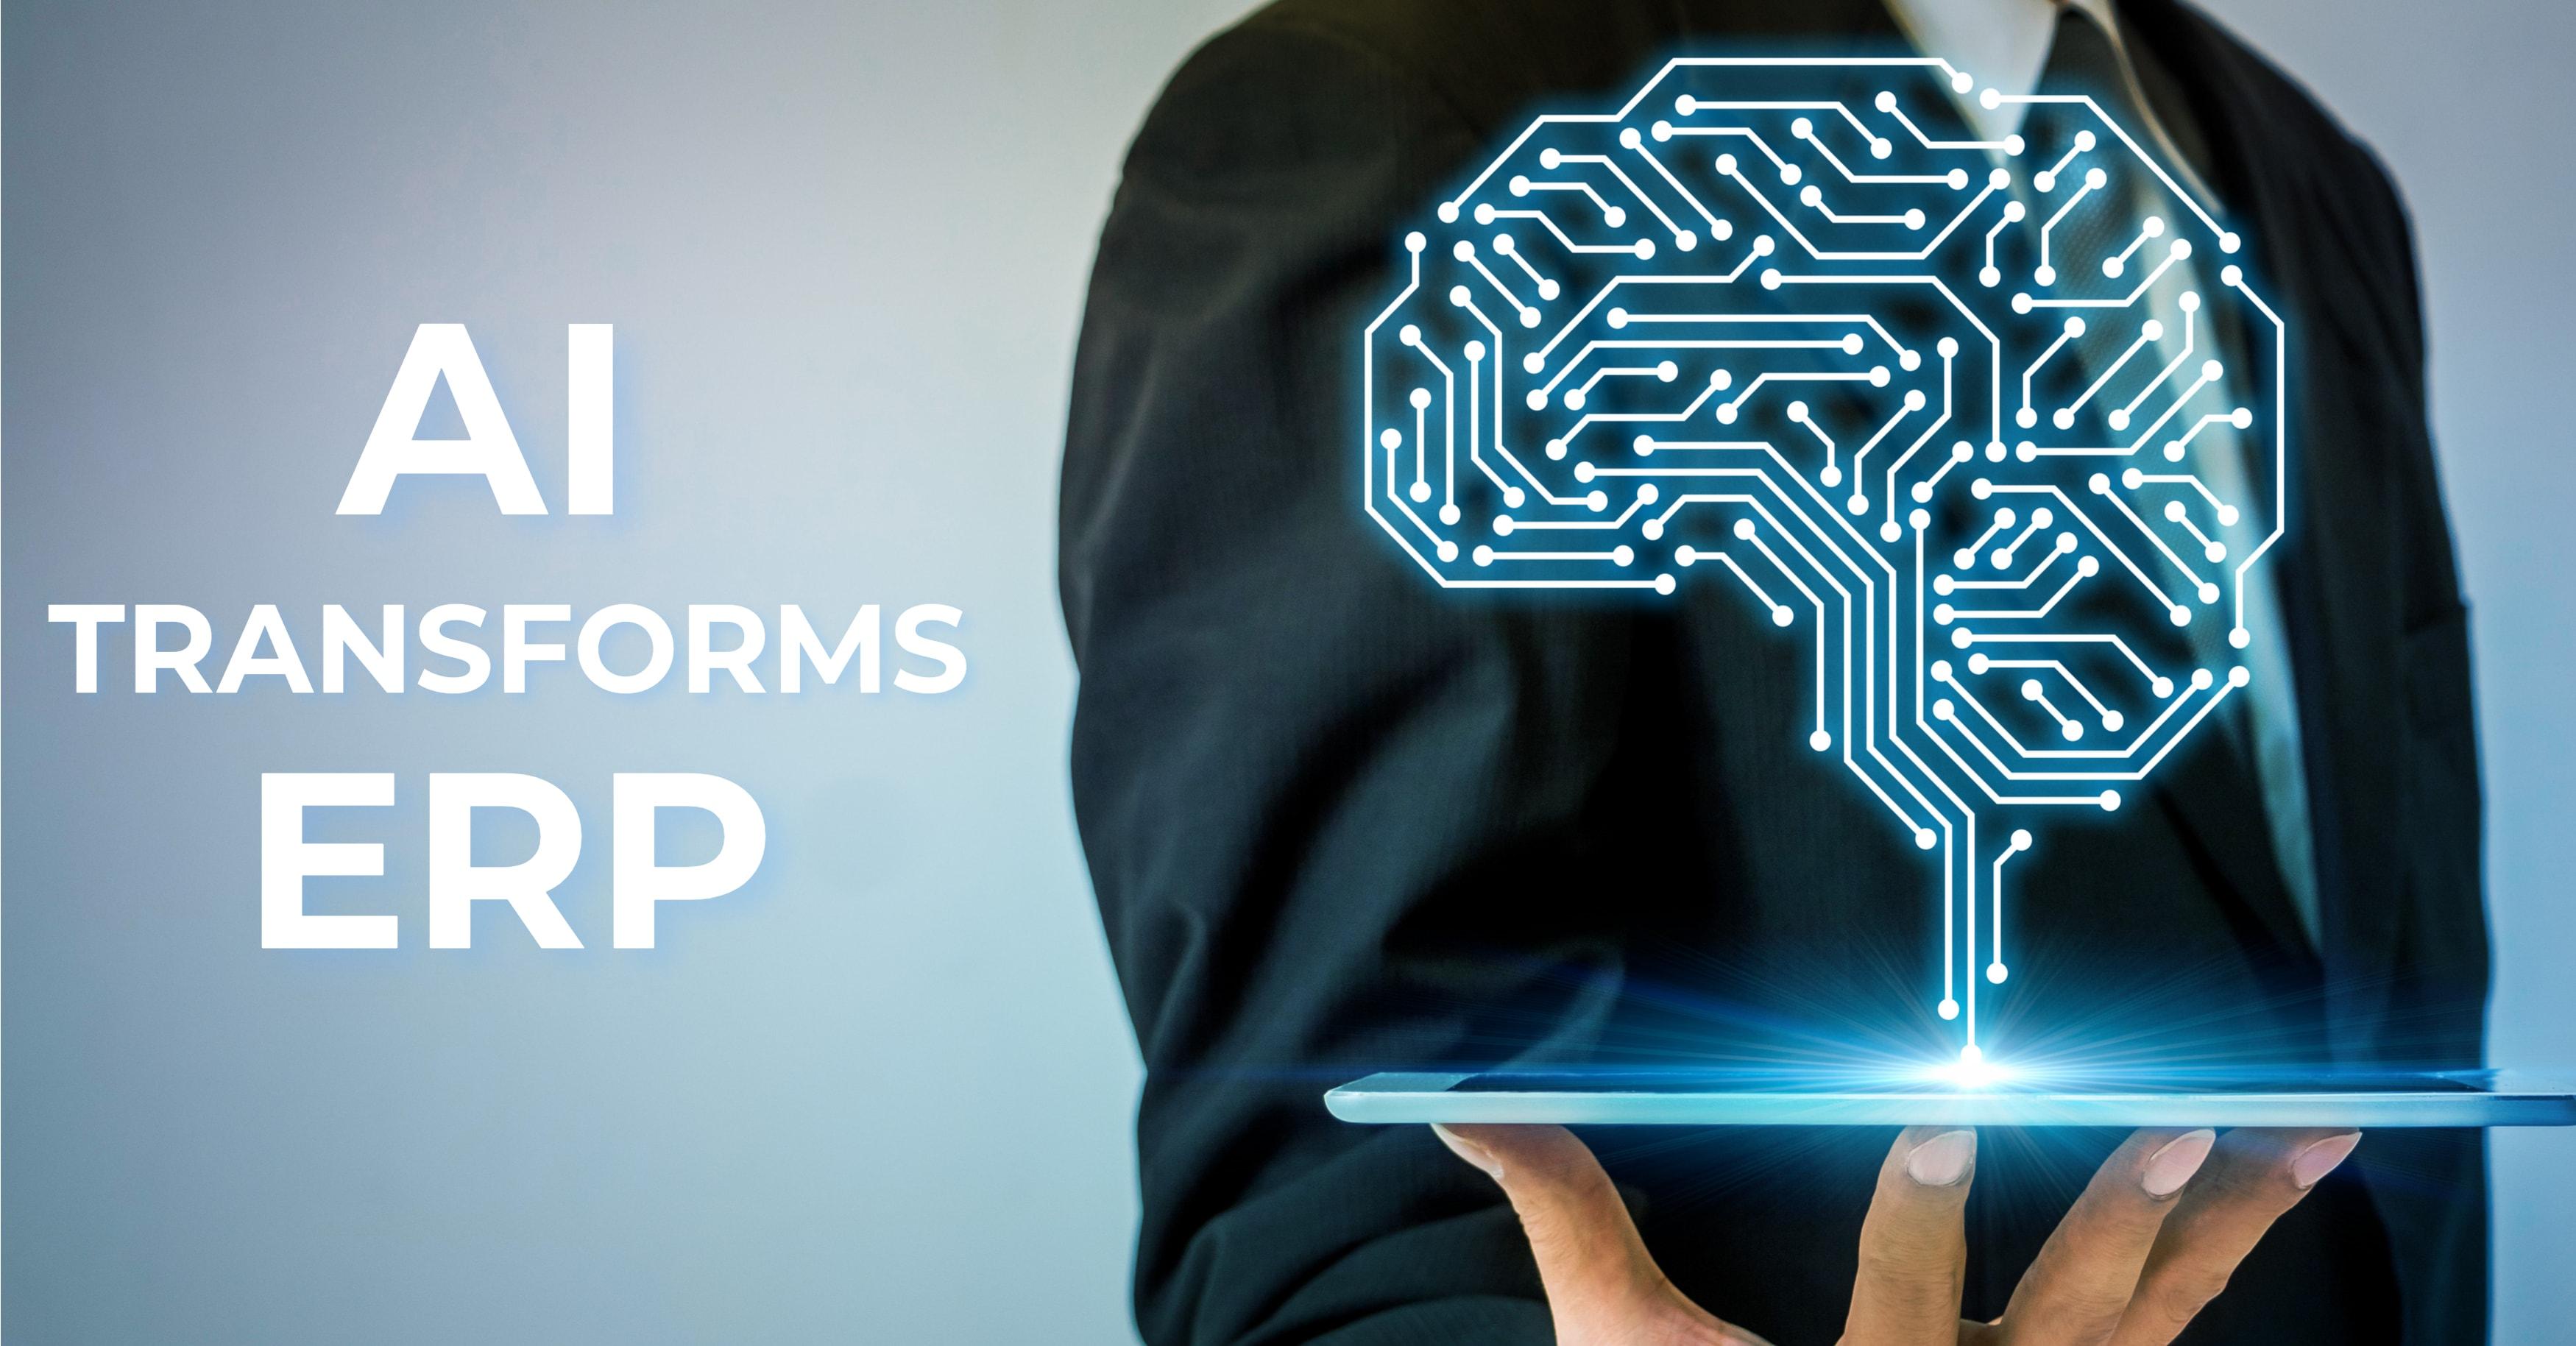 Hogyan javítja fel a mesterséges intelligencia az ERP rendszereket?